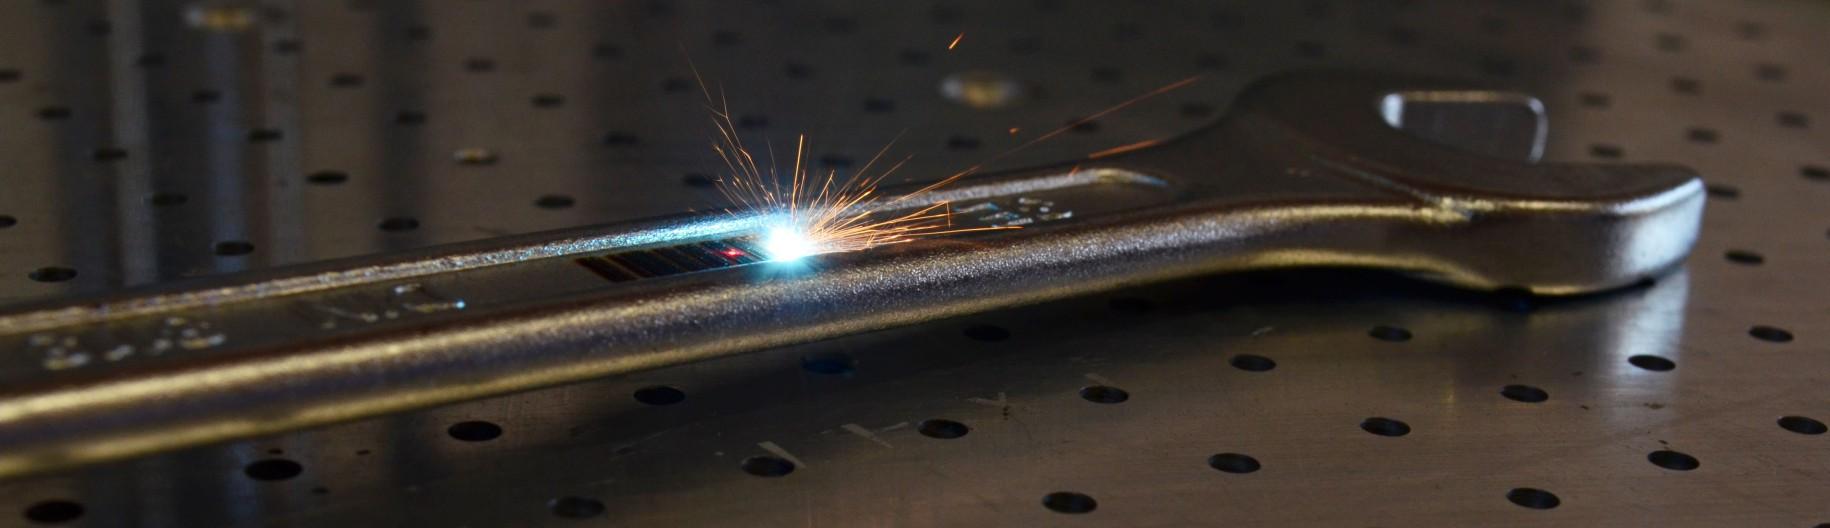 Znakowanie laserowe klucza